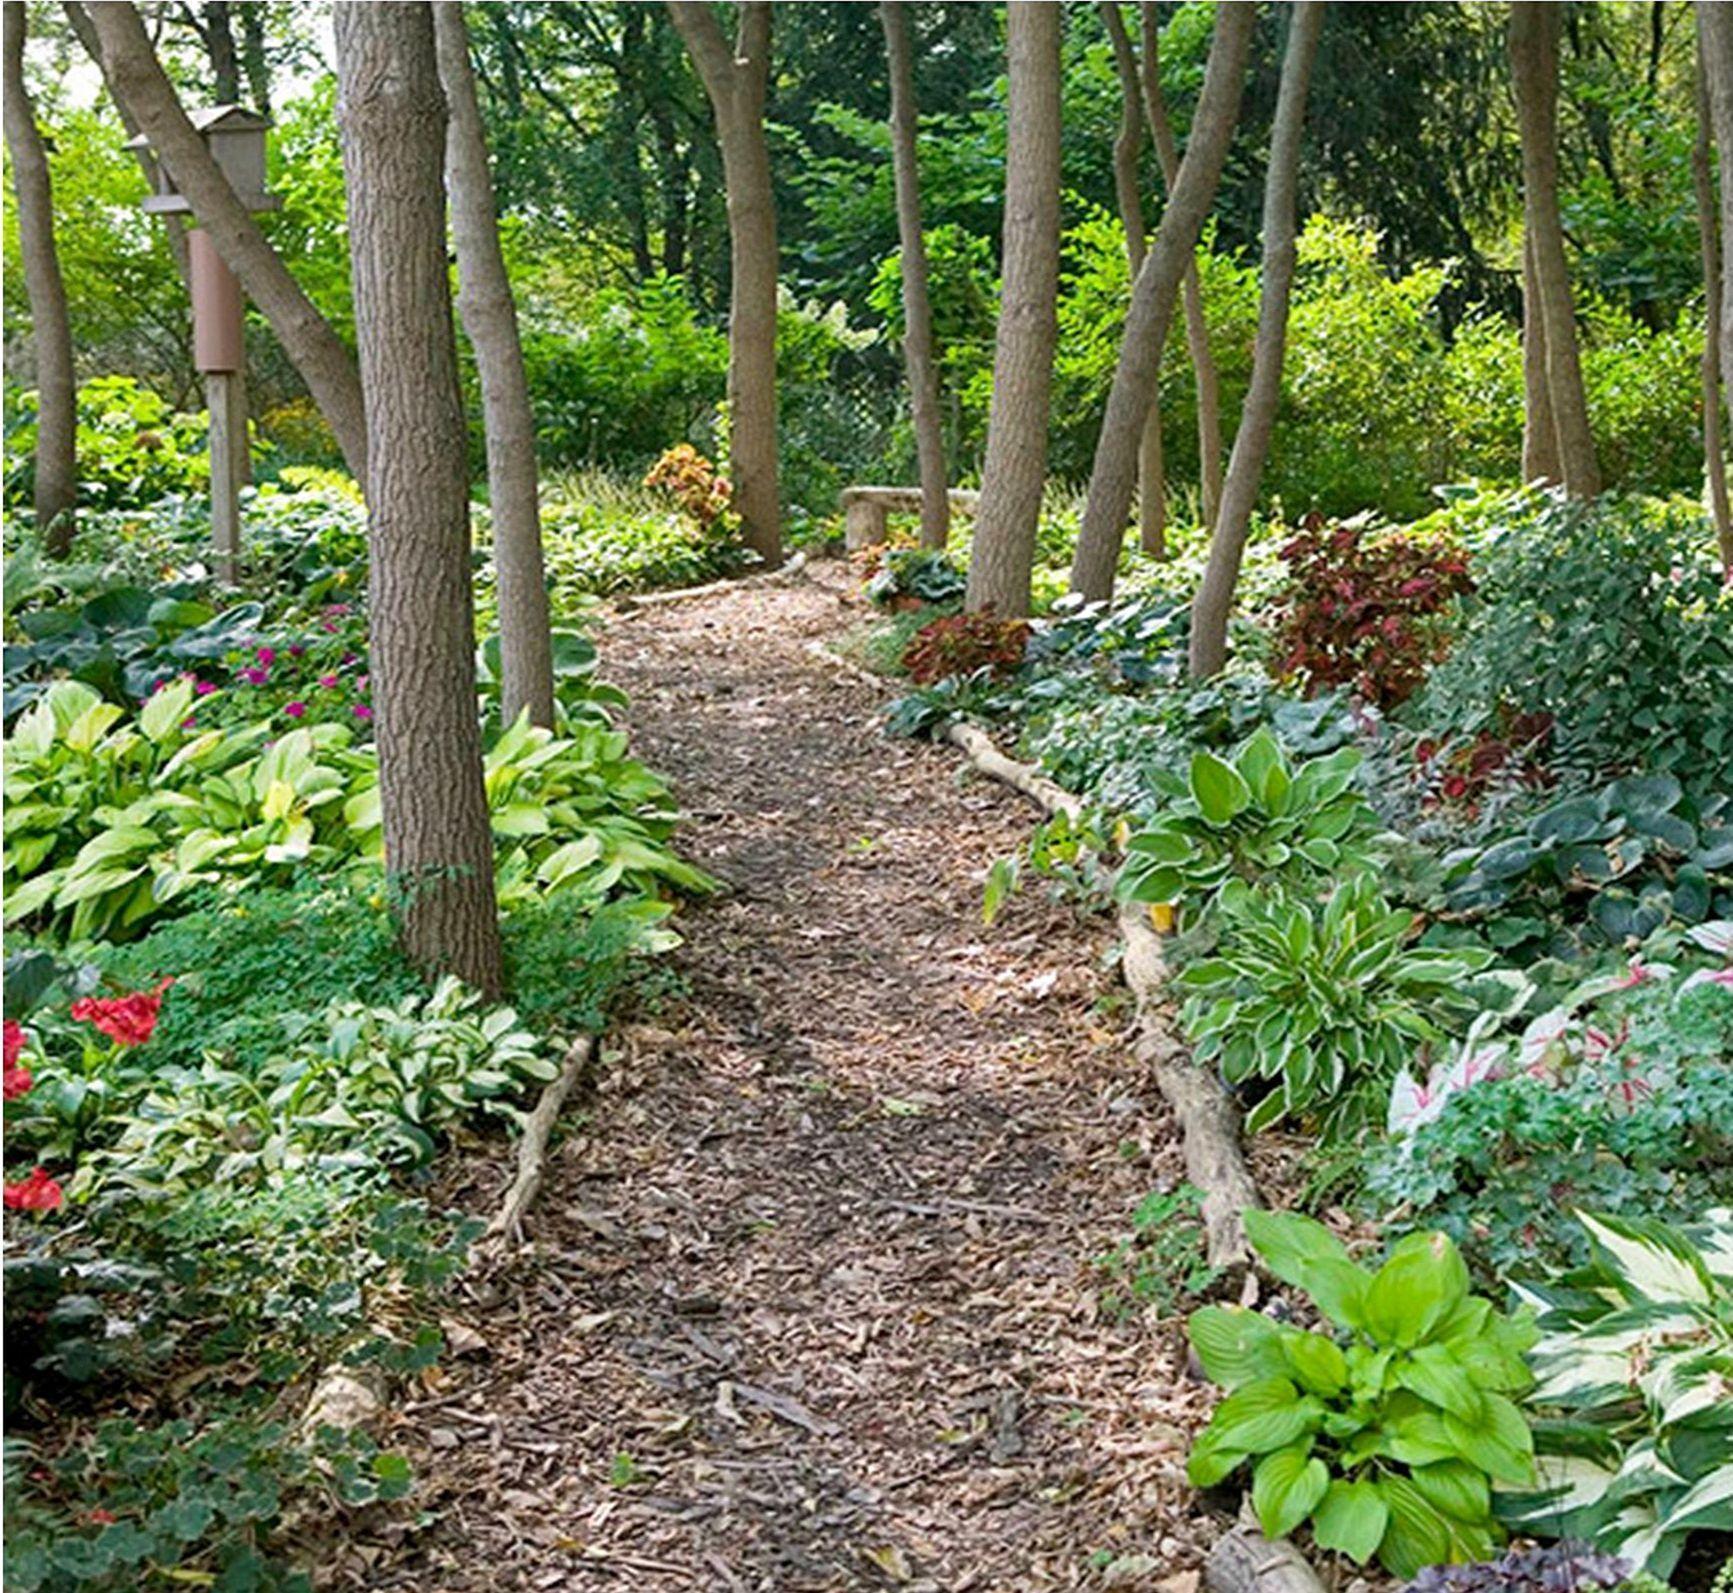 Affordable Beautiful Garden Path For Your Garden 48 #TropicalGarden #landscapingtips